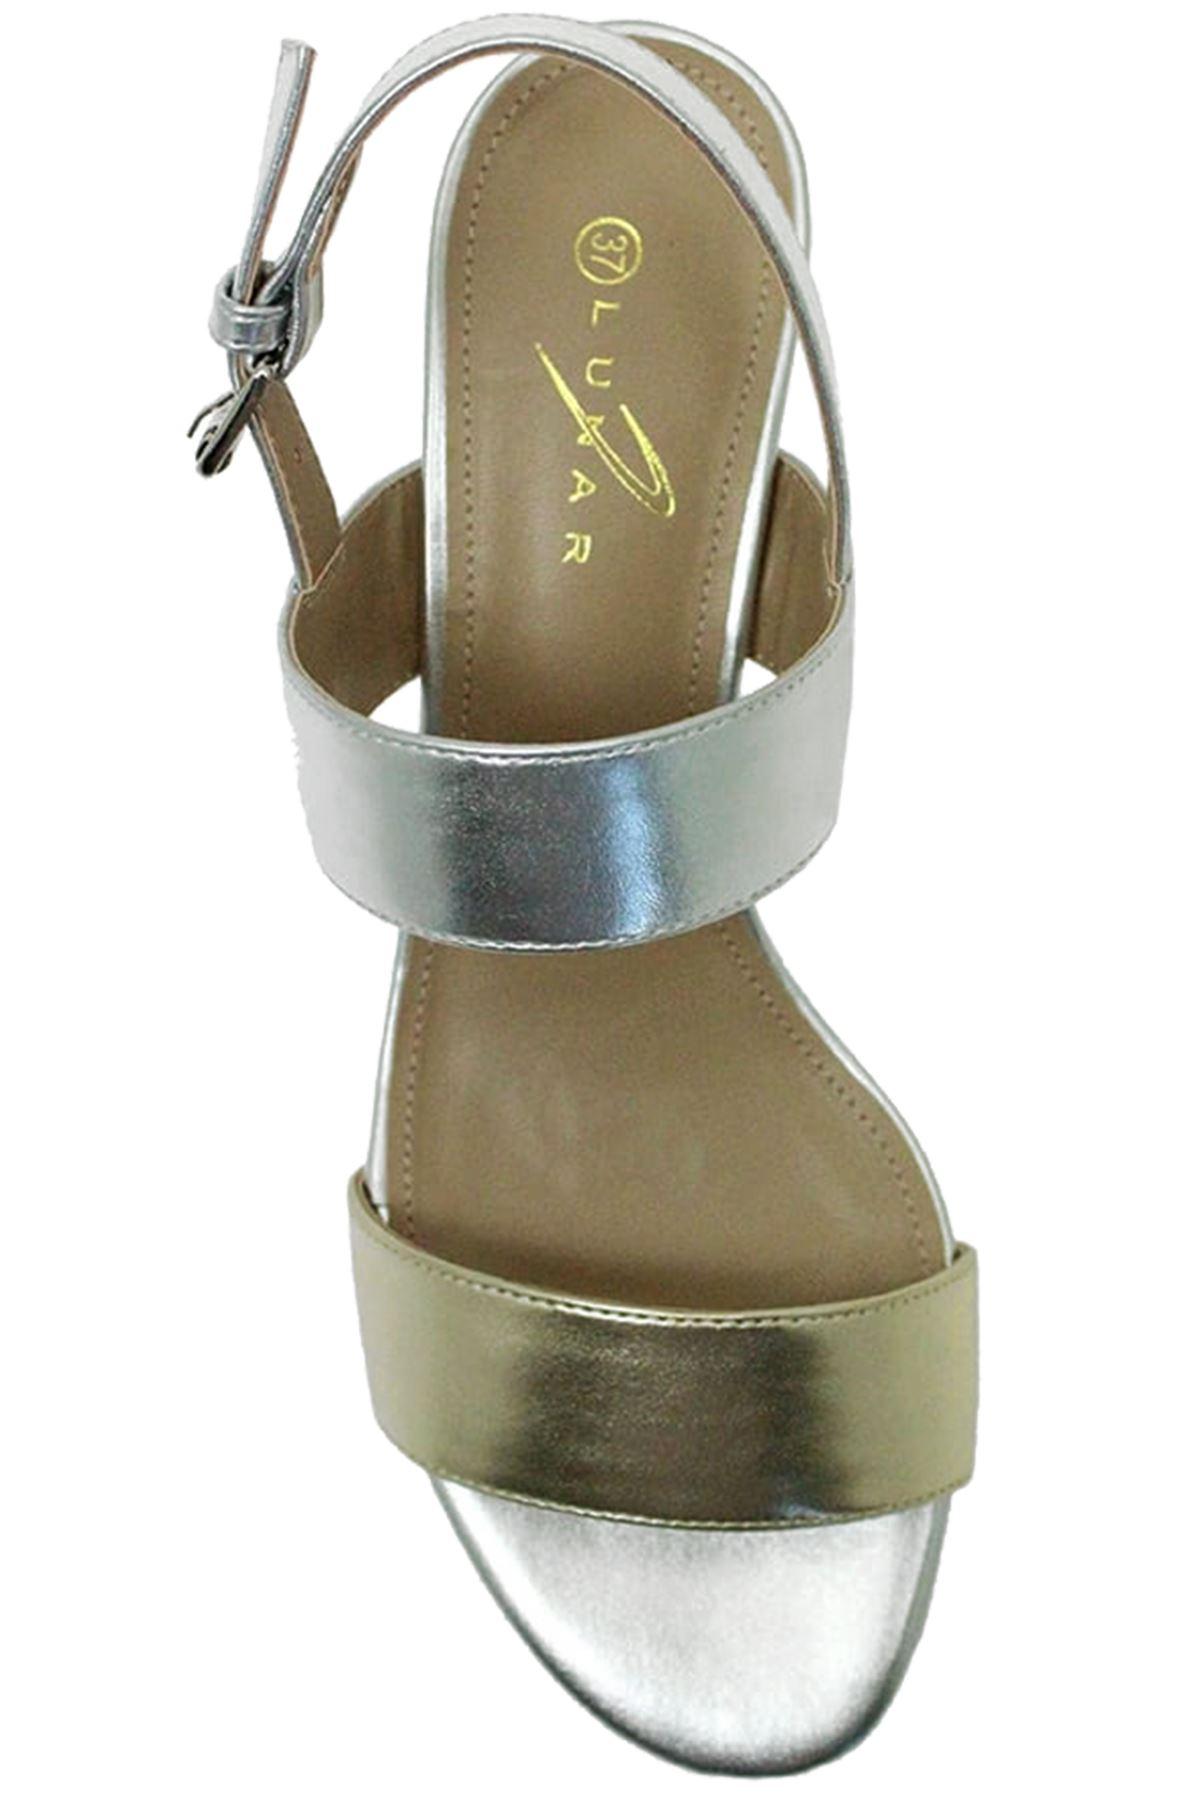 Jle064 Riemchen Collins Damen Blockabsatz gepolstert Riemchen Jle064 Mode metallisch Sandalen 1b1f91